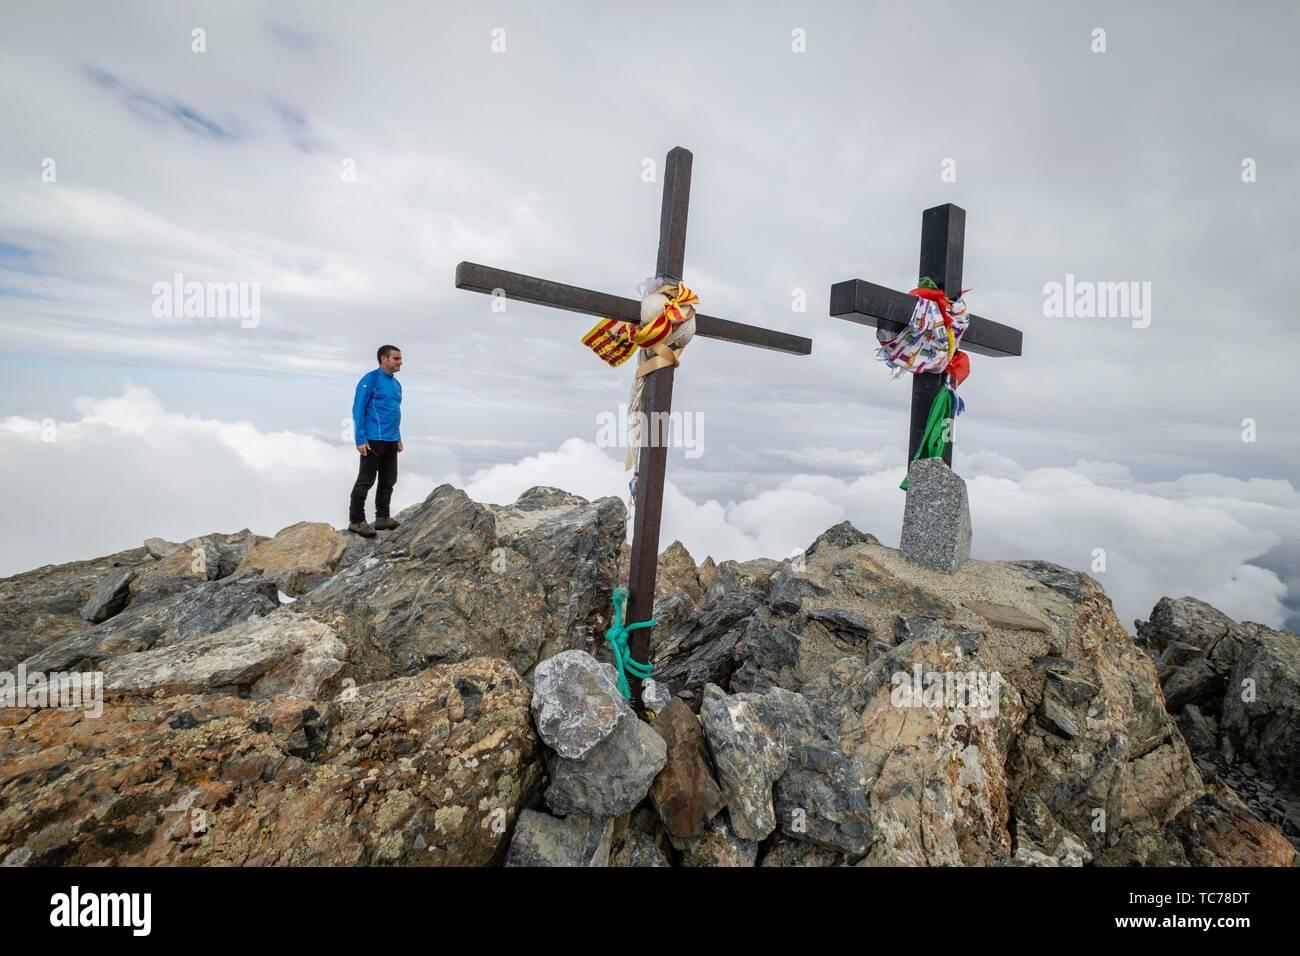 cima del Mont Valier, 2838 mts, valle de Valier -Riberot-, Parque Natural Regional de los Pirineos de Ariège, cordillera de los Pirineos, Francia. - Stock Image